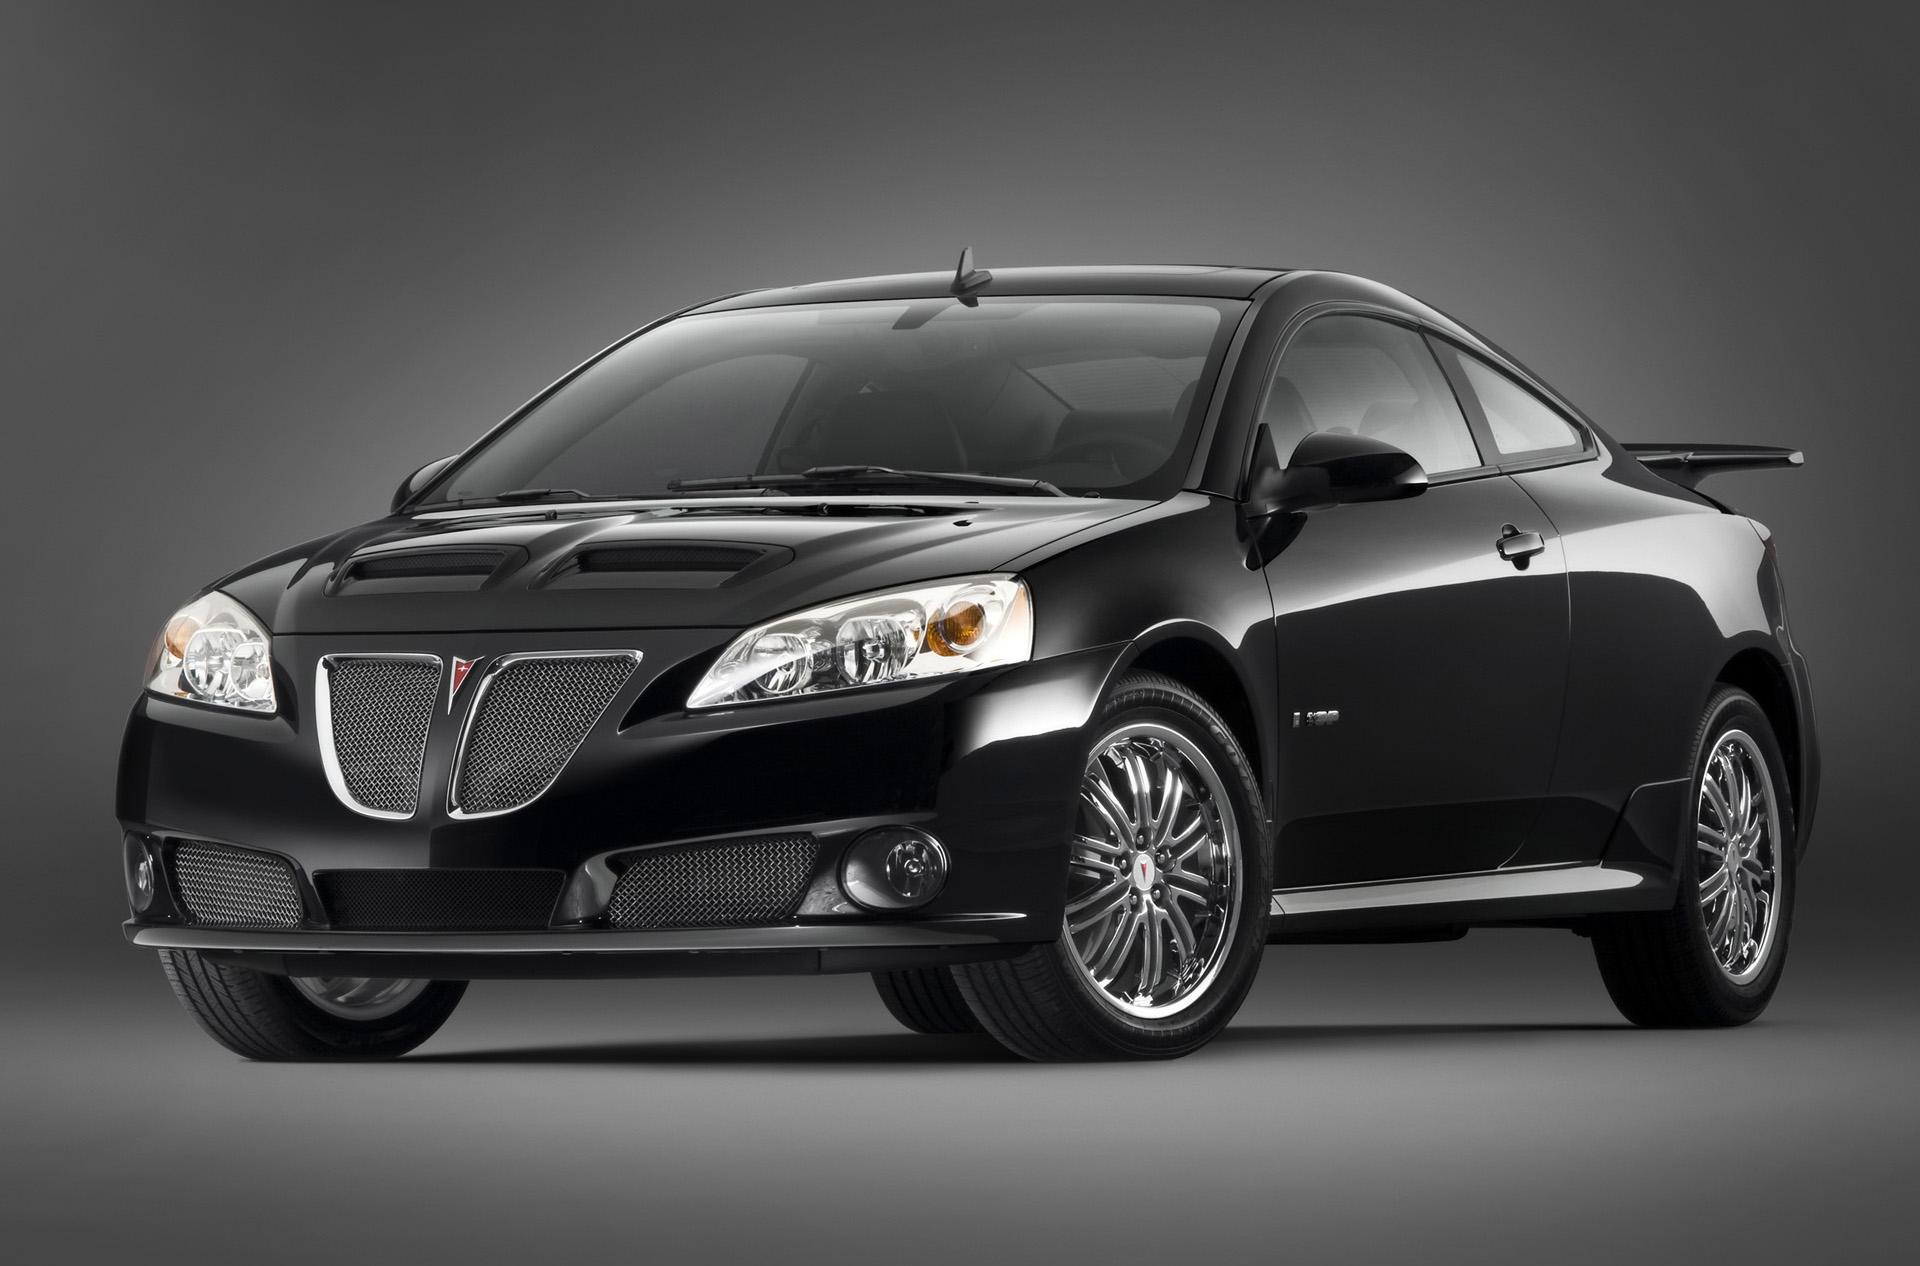 2008 Pontiac G6 Gxp Hd Pictures Carsinvasion Com